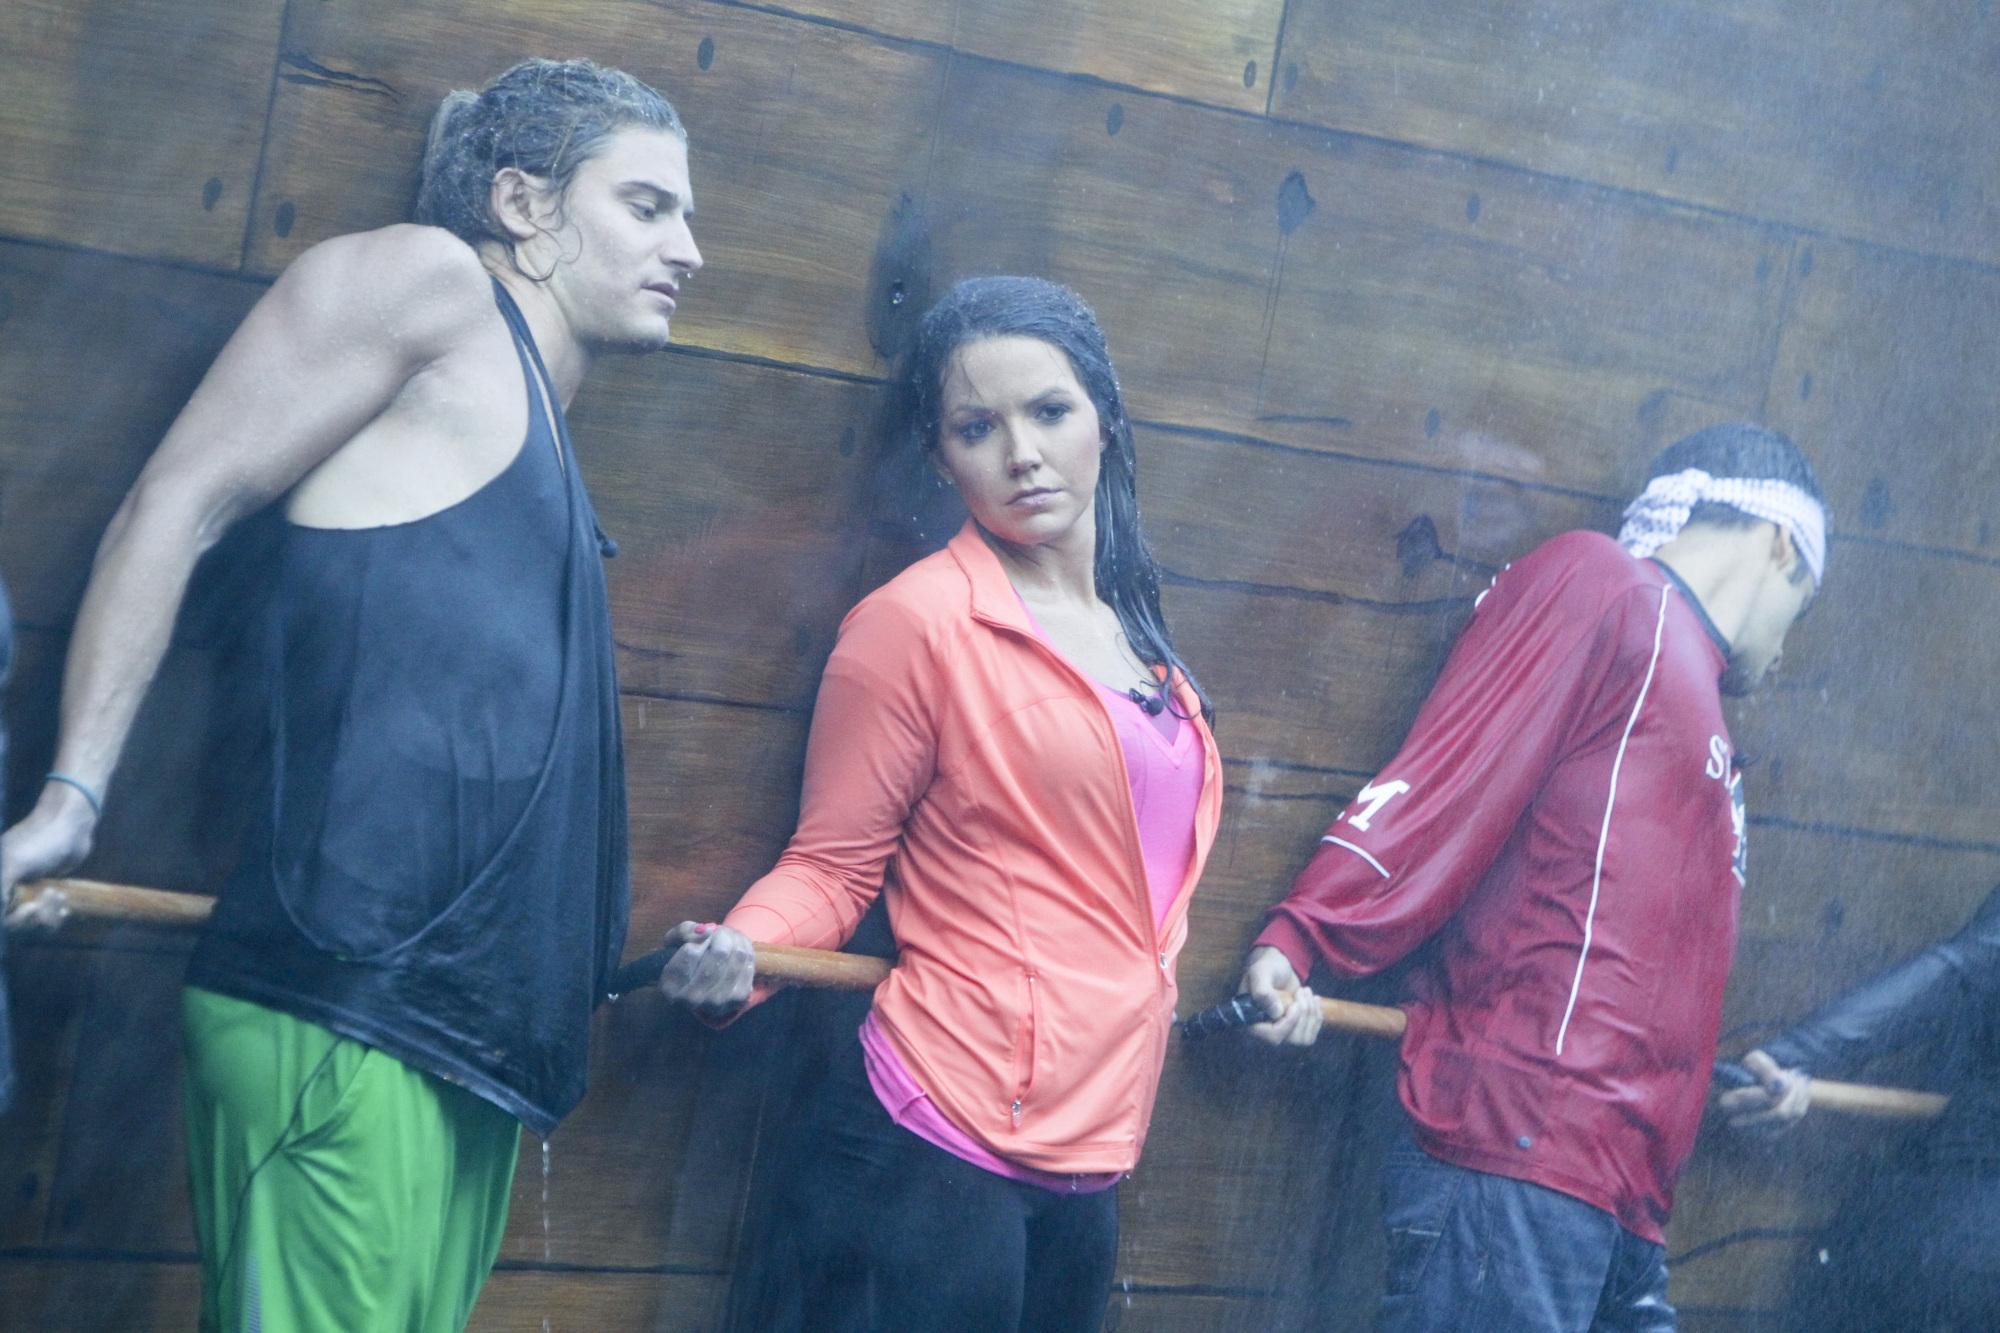 Wil, Danielle and Dan